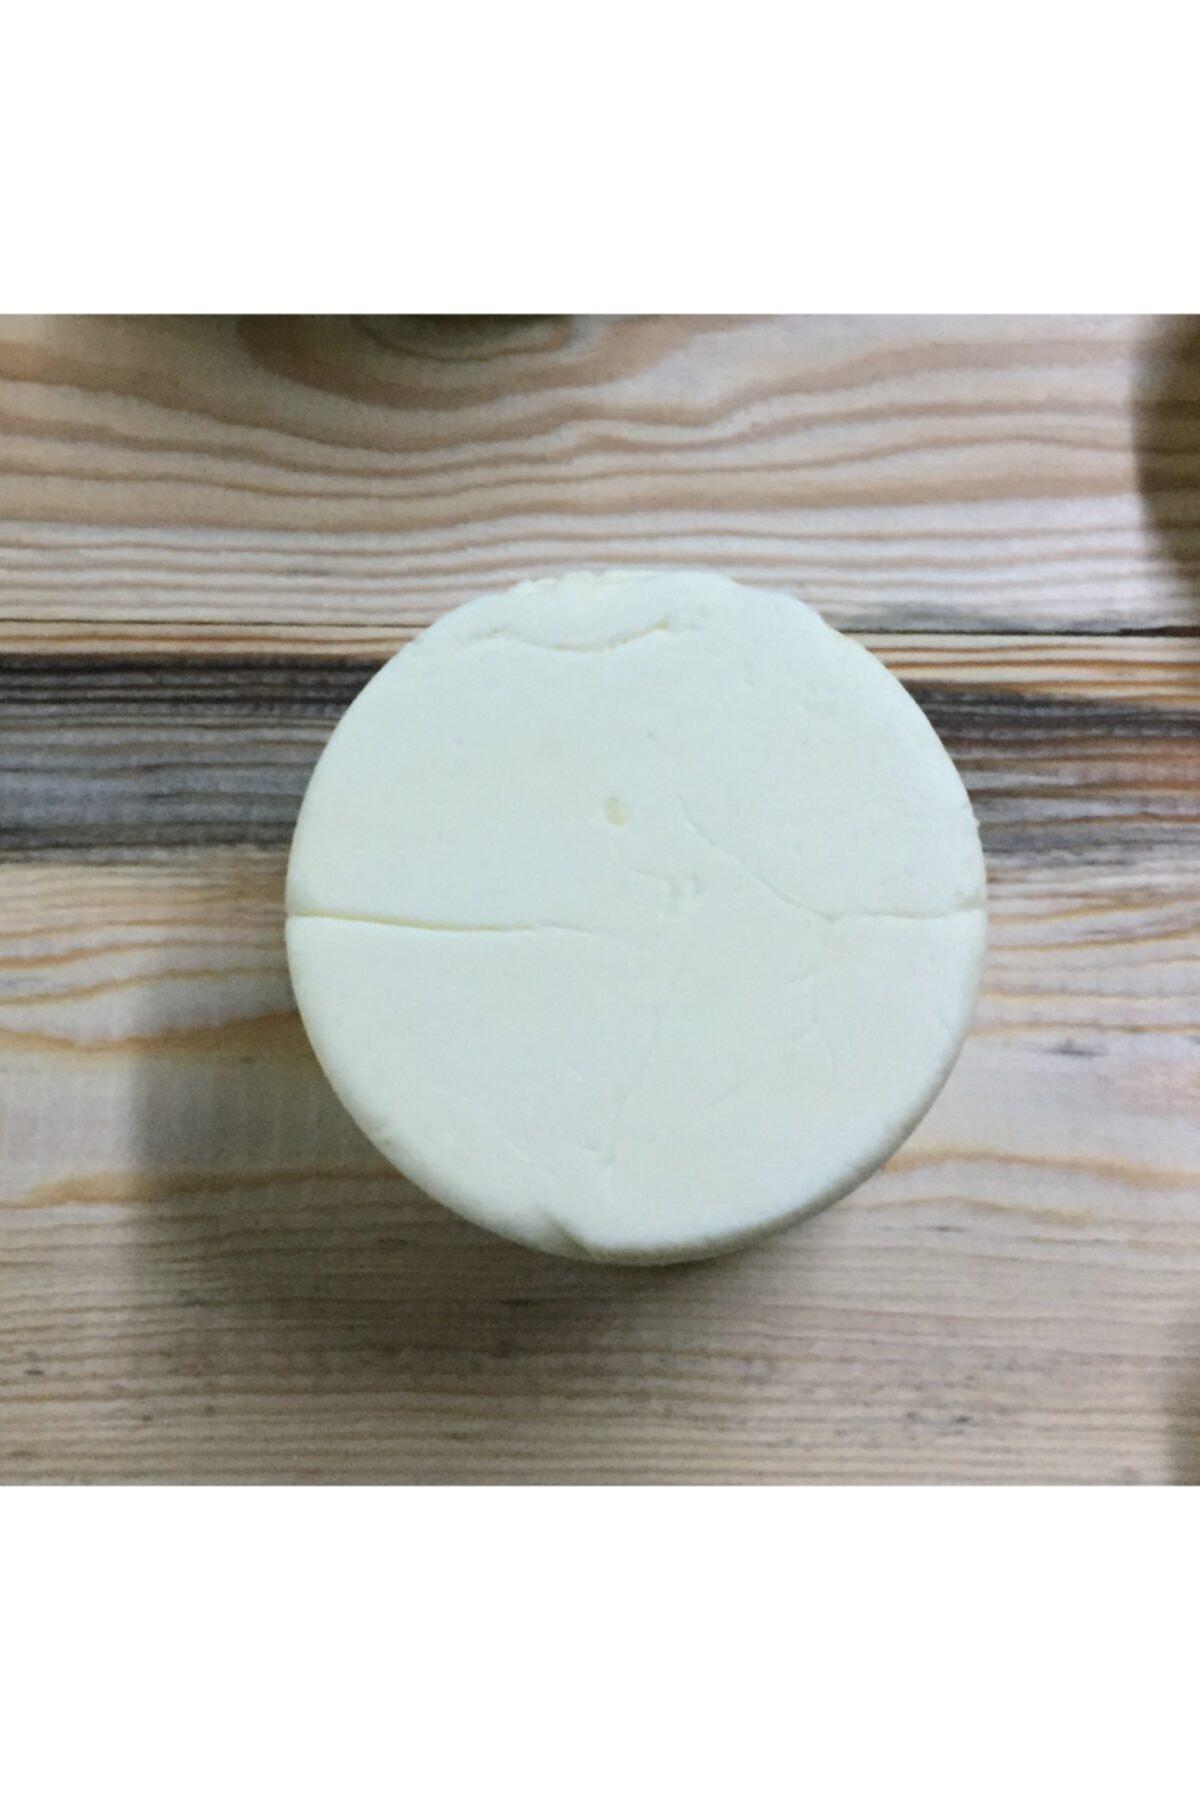 Doğal Taze Kaşar Peynir Kendi Ineklerimizin Sütünden 500 Gr